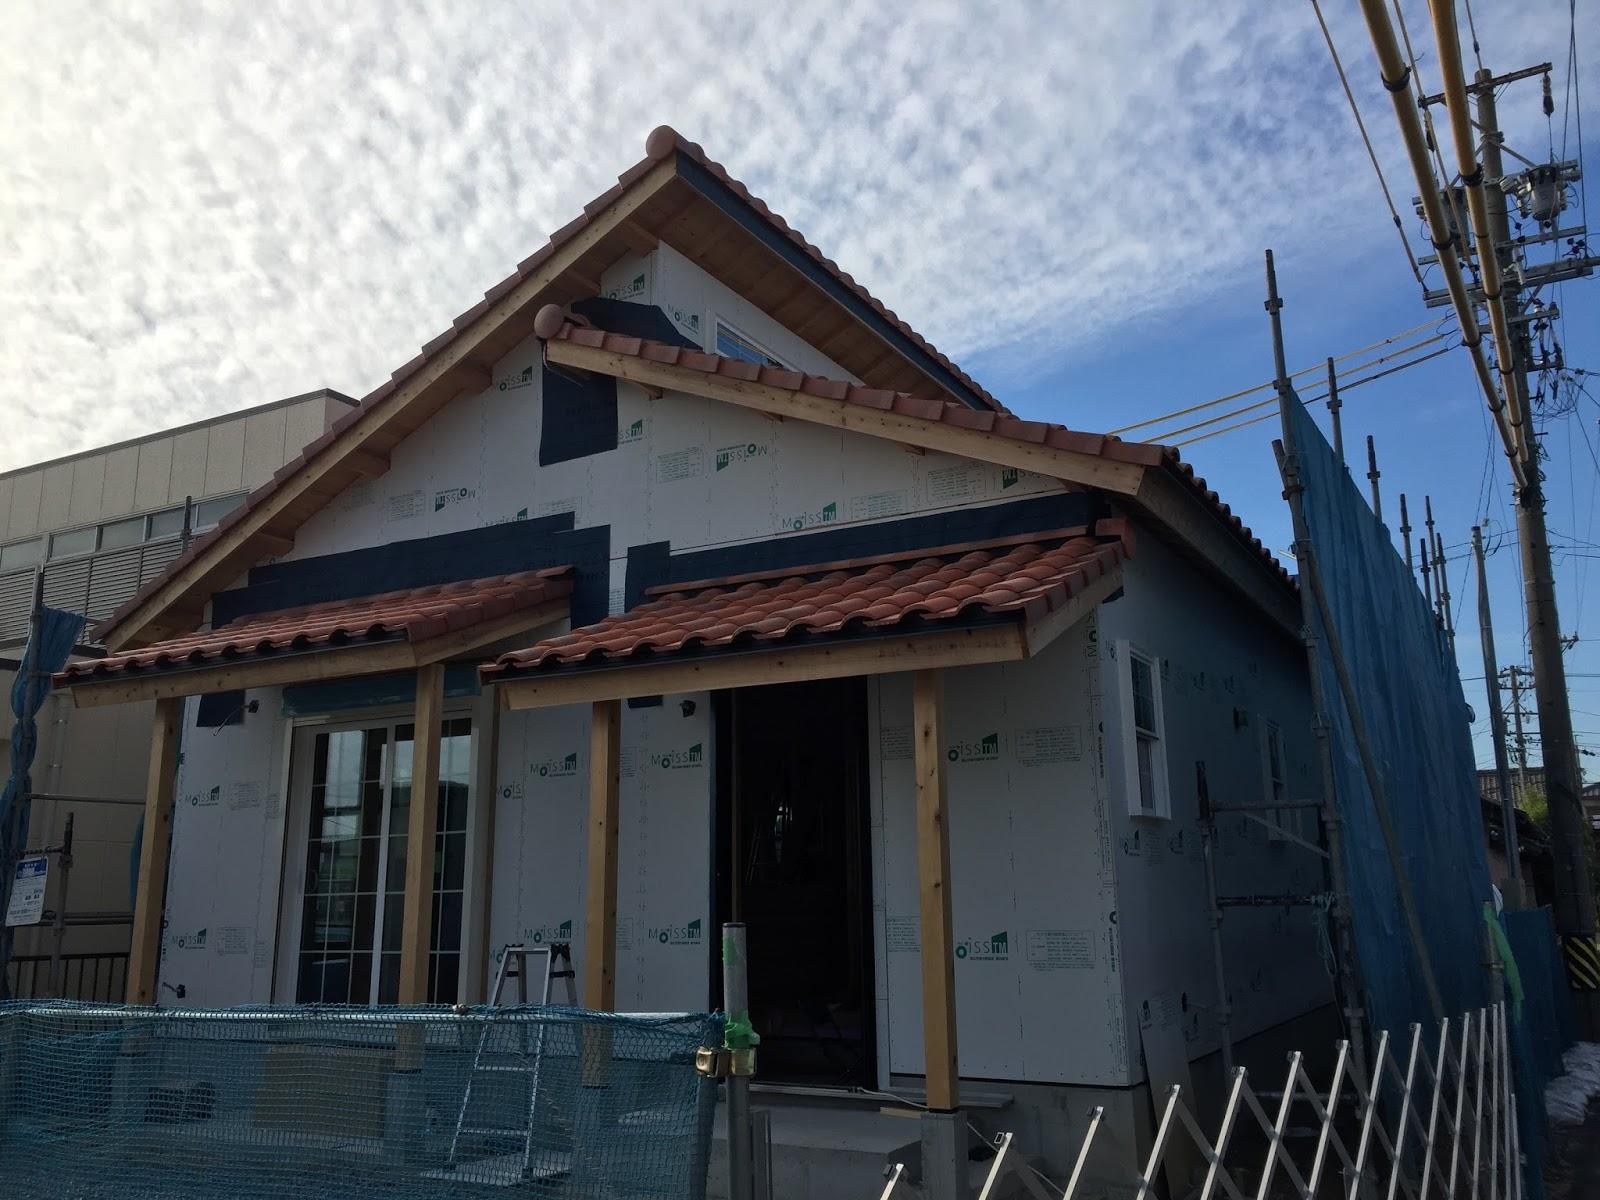 平屋の家 三重県四日市 楠の家 注文住宅三重県 (株)みのや 自然素材の家